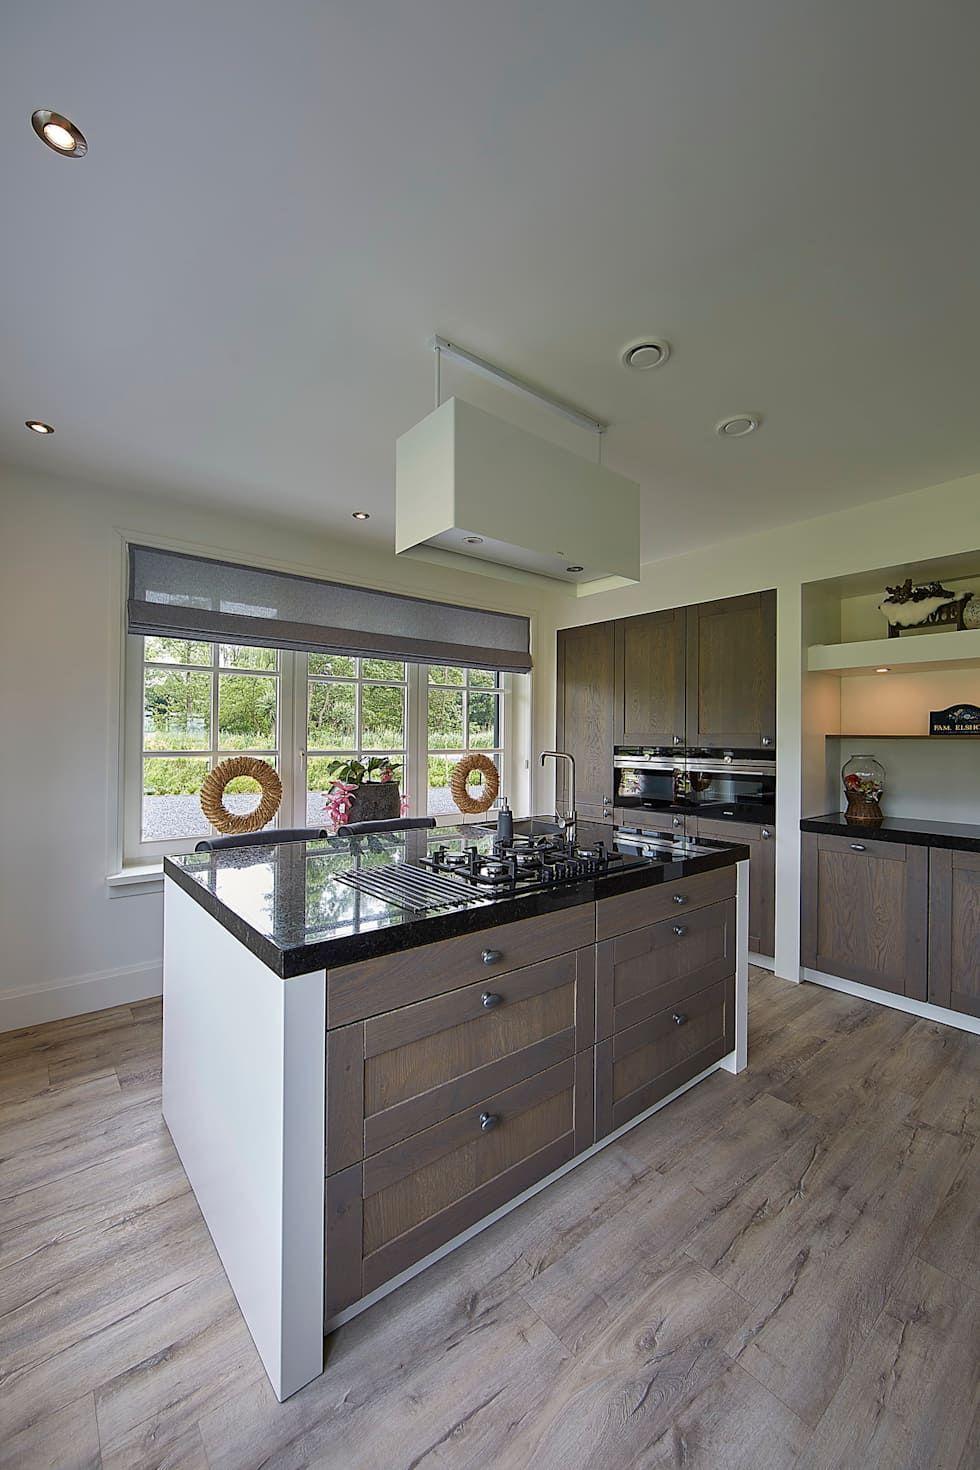 29 kitchen flooring ideas design kitchen flooring concrete kitchen floor wood tile kitchen on kitchen flooring ideas id=59023